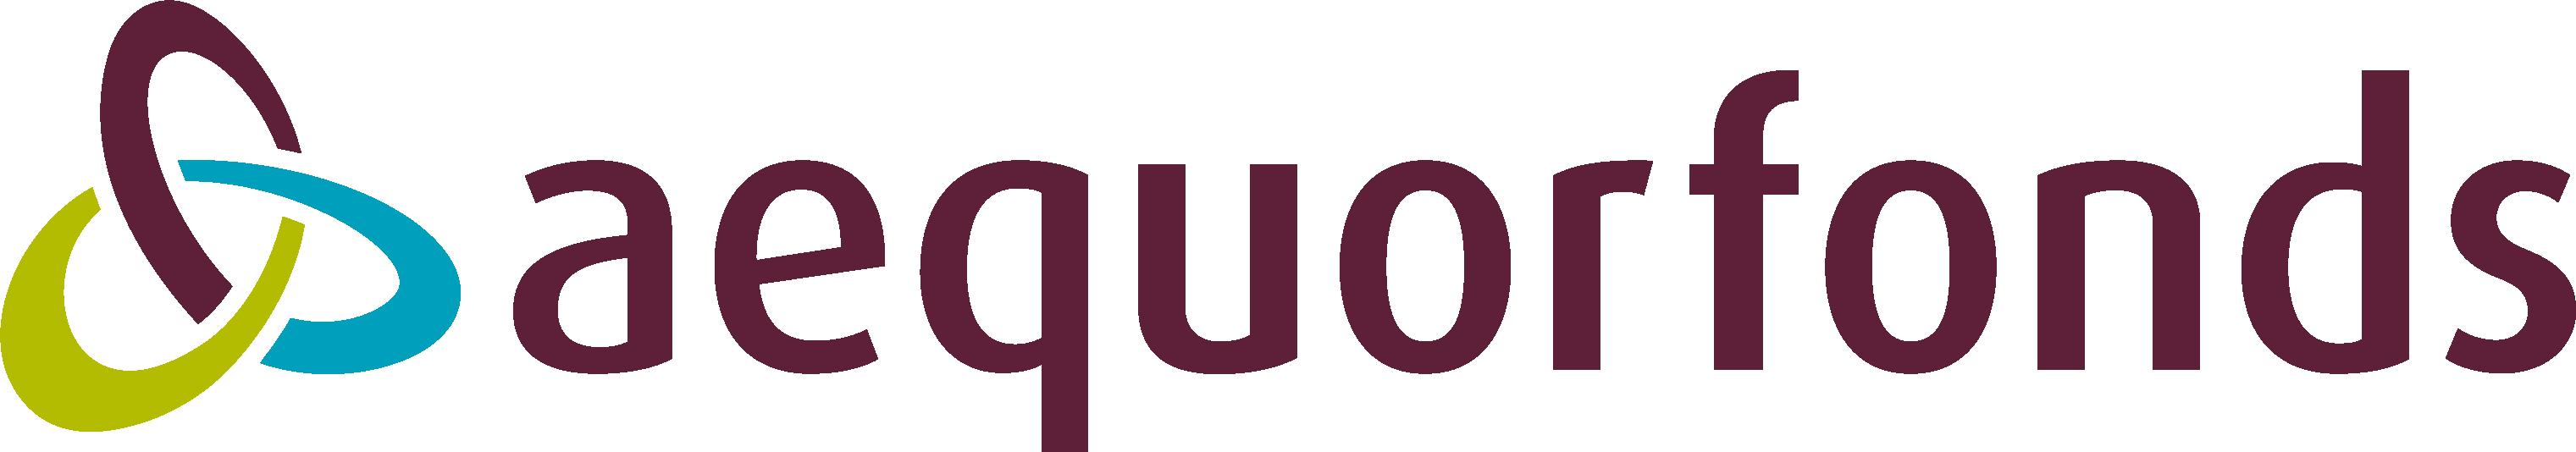 Aequorfonds-logo